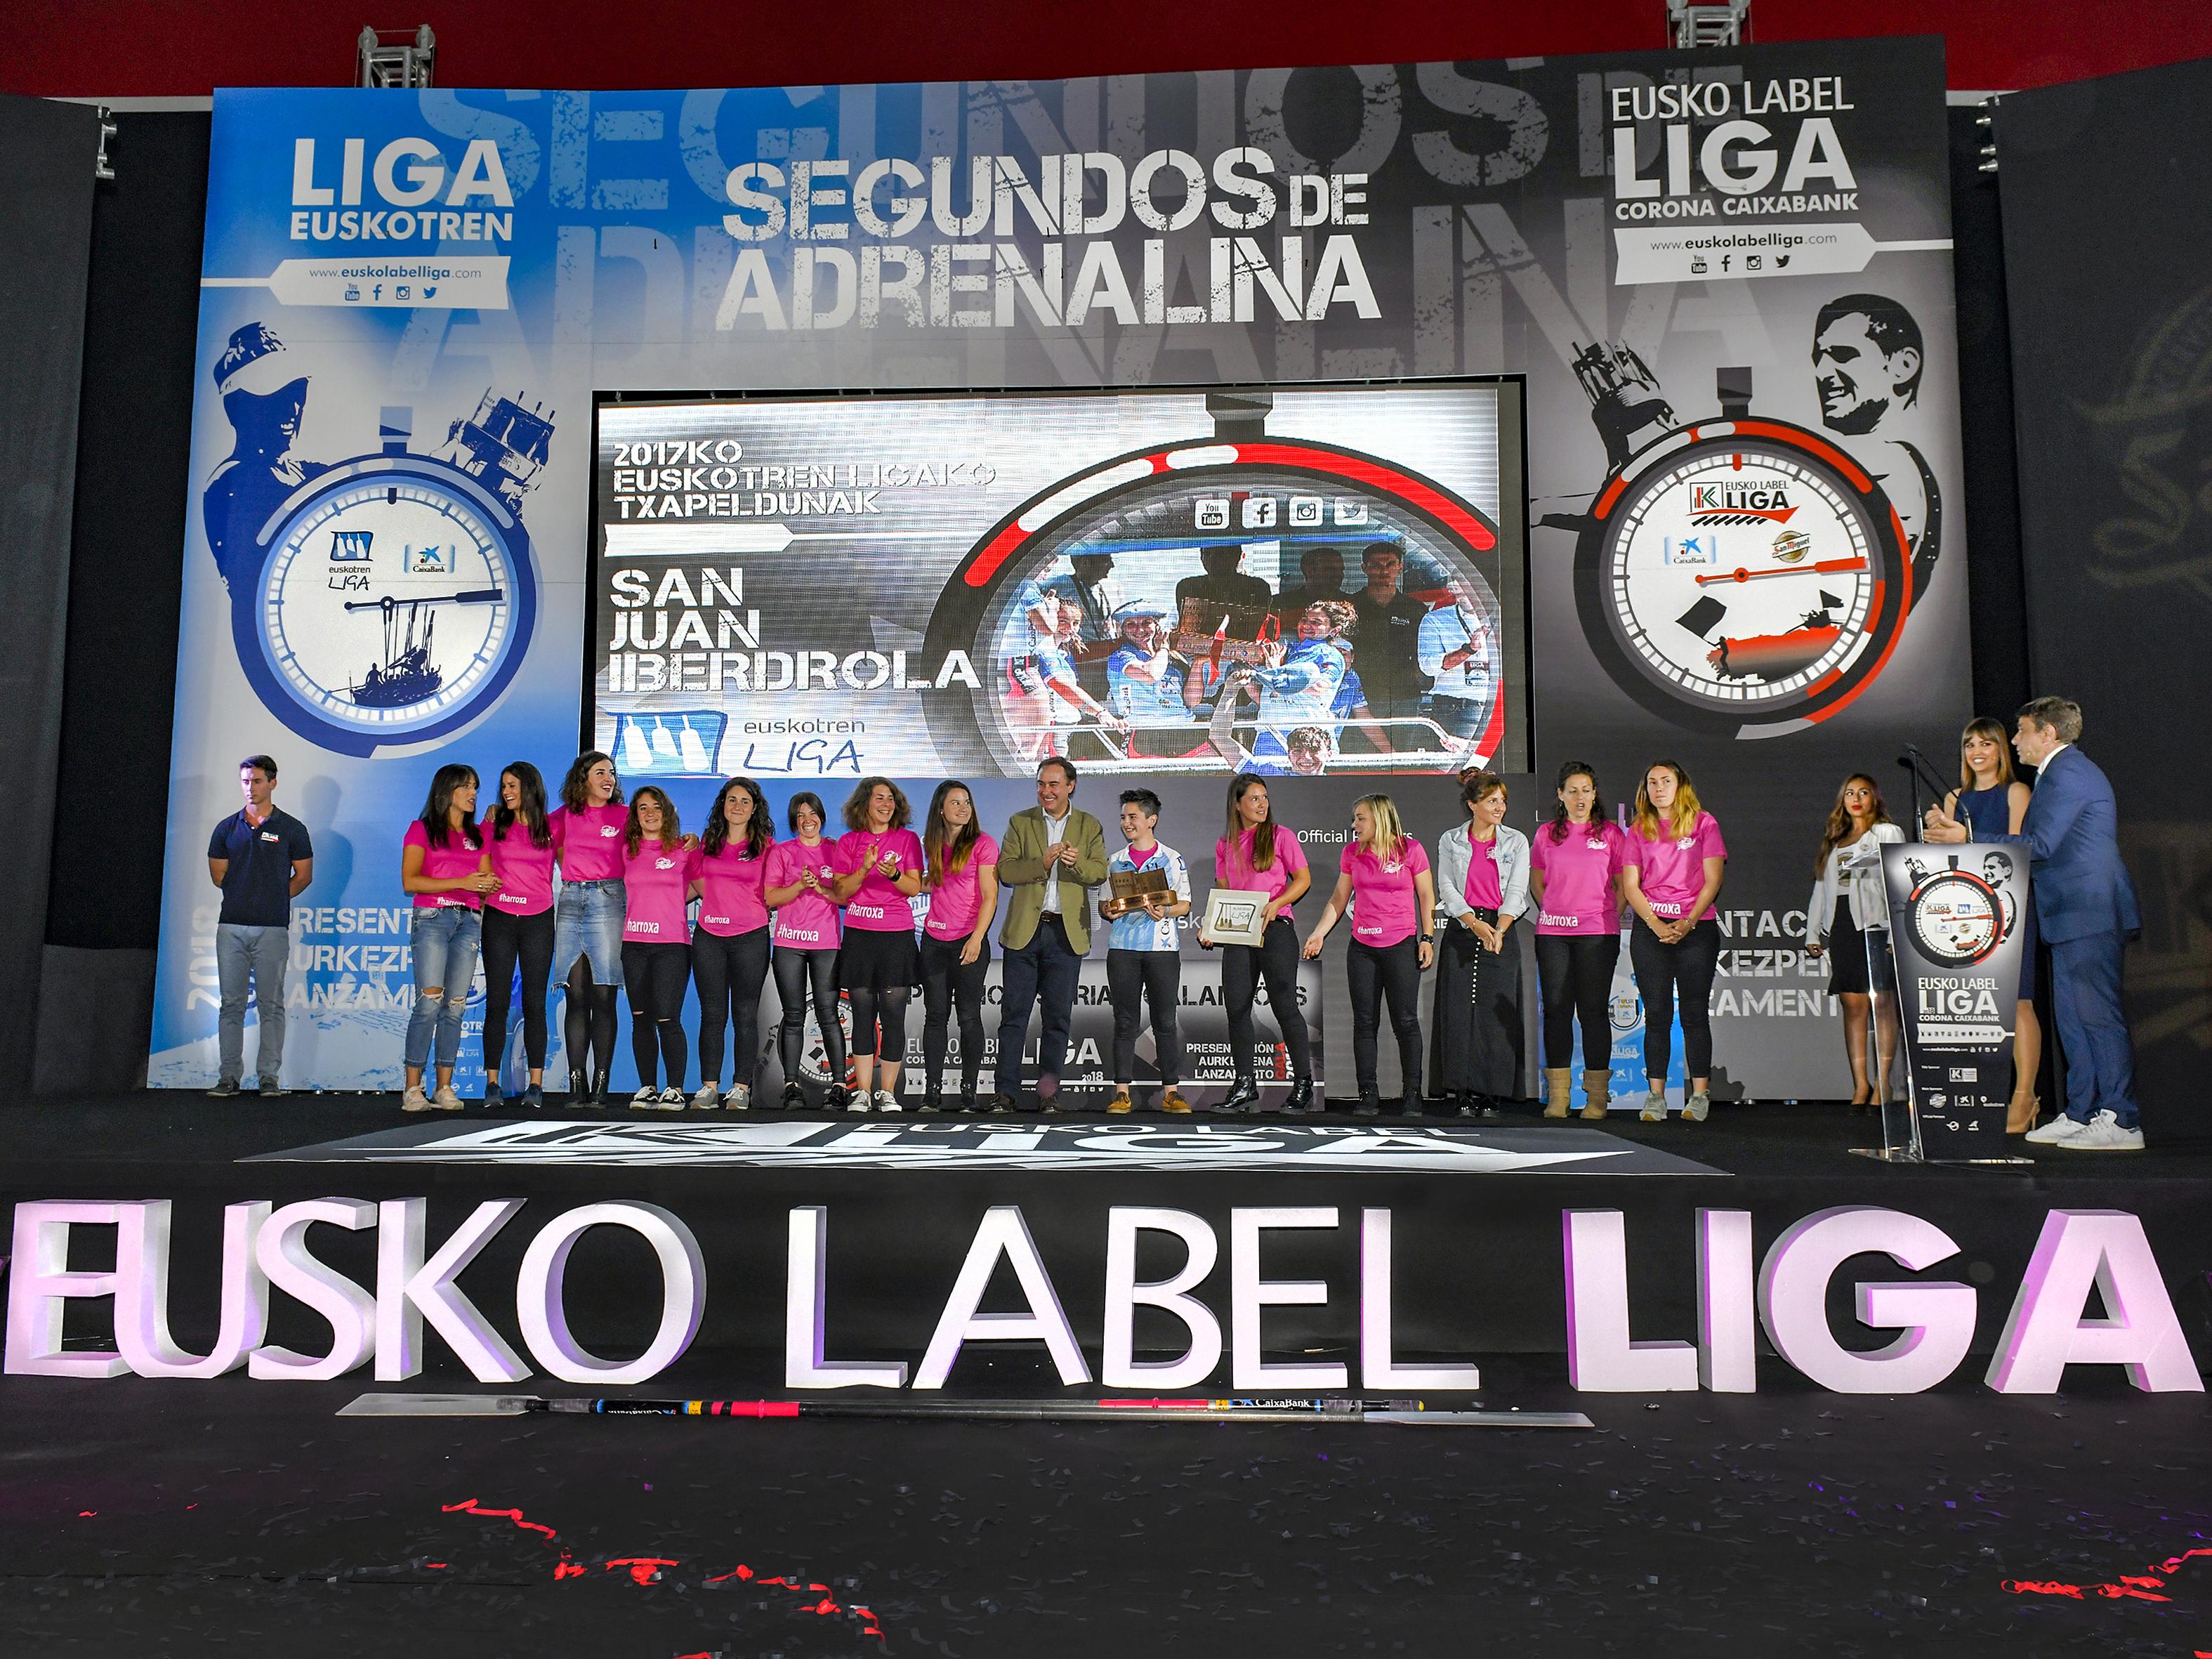 Liga_Euskotren_eta_Euskolabel_20.jpg